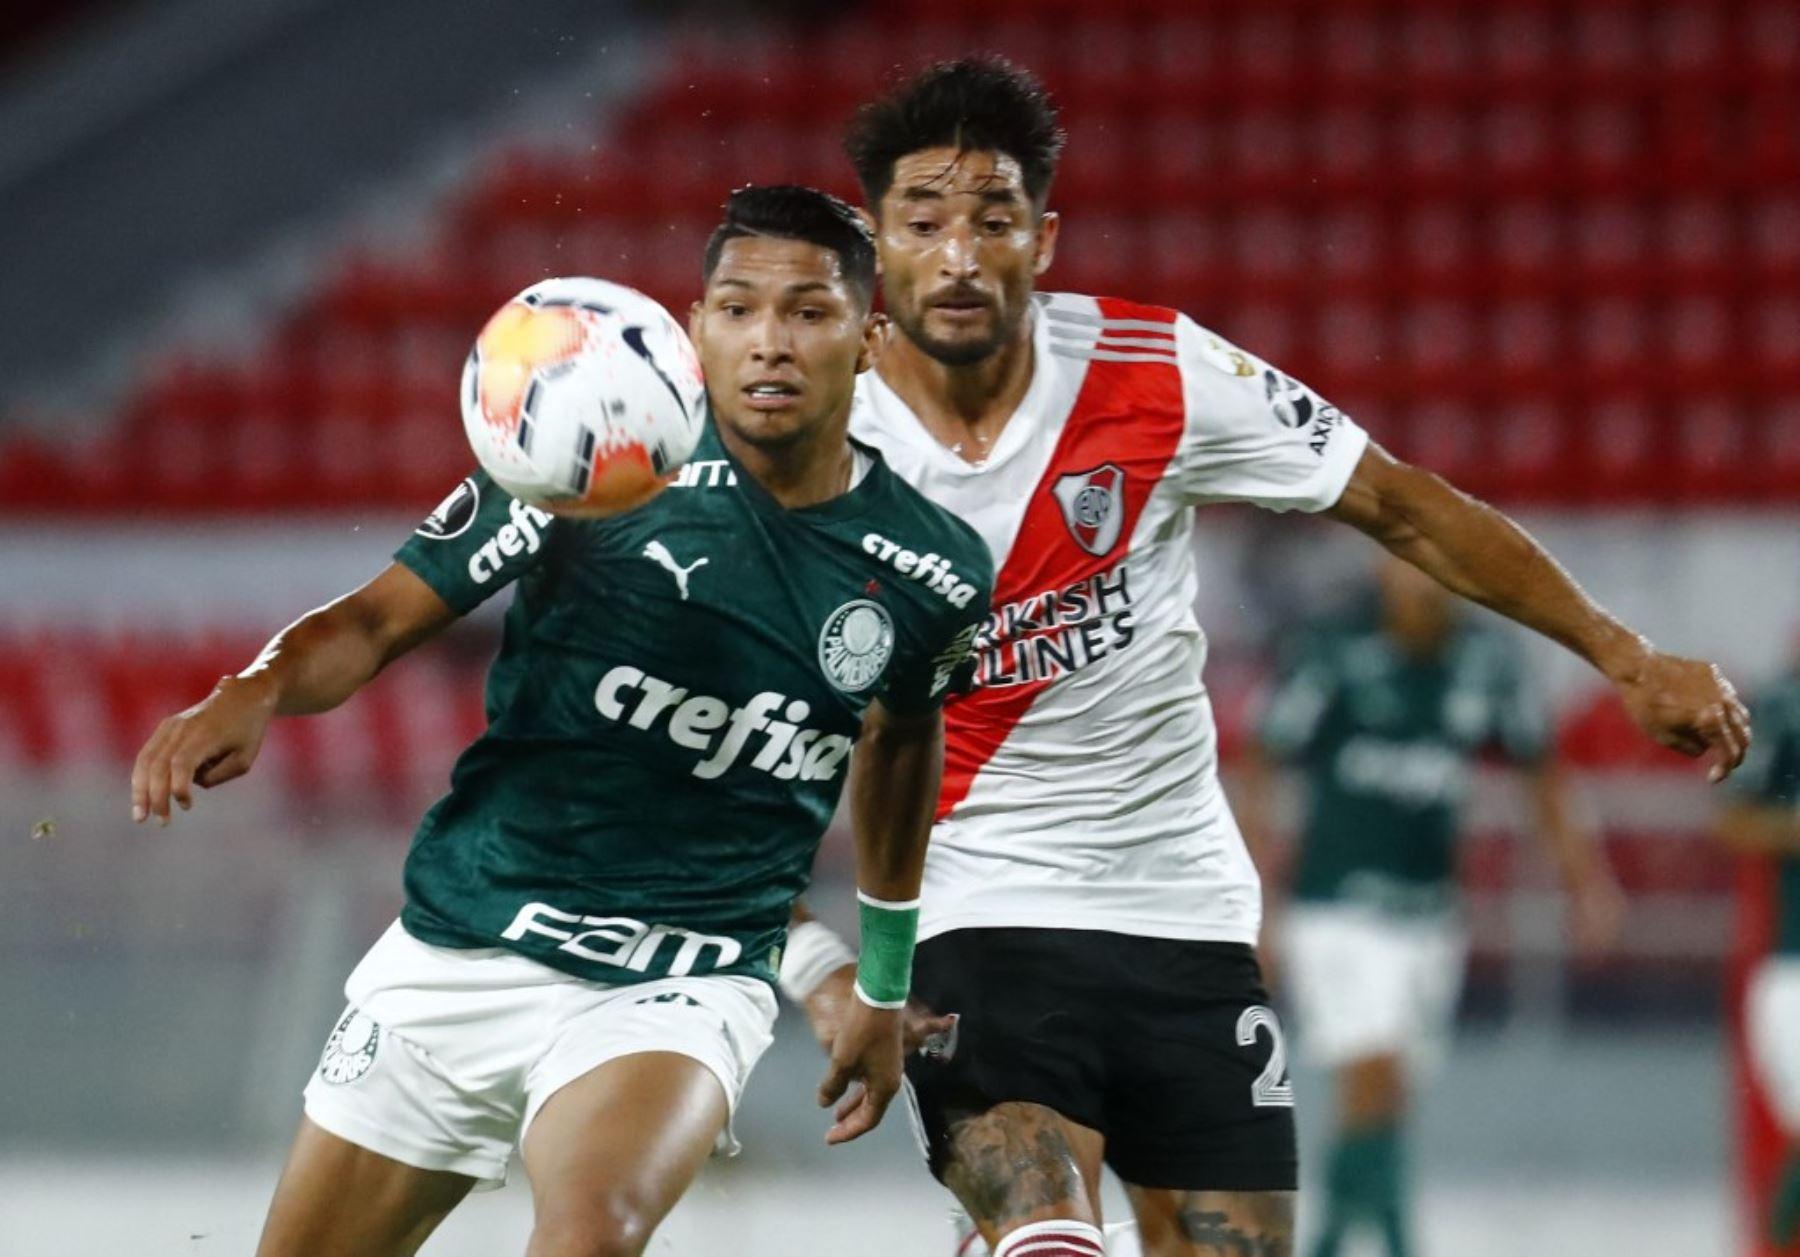 Palmeiras y River Plate se enfrentan hoy por la semifinal de la Copa Libertadores en Sao Paulo